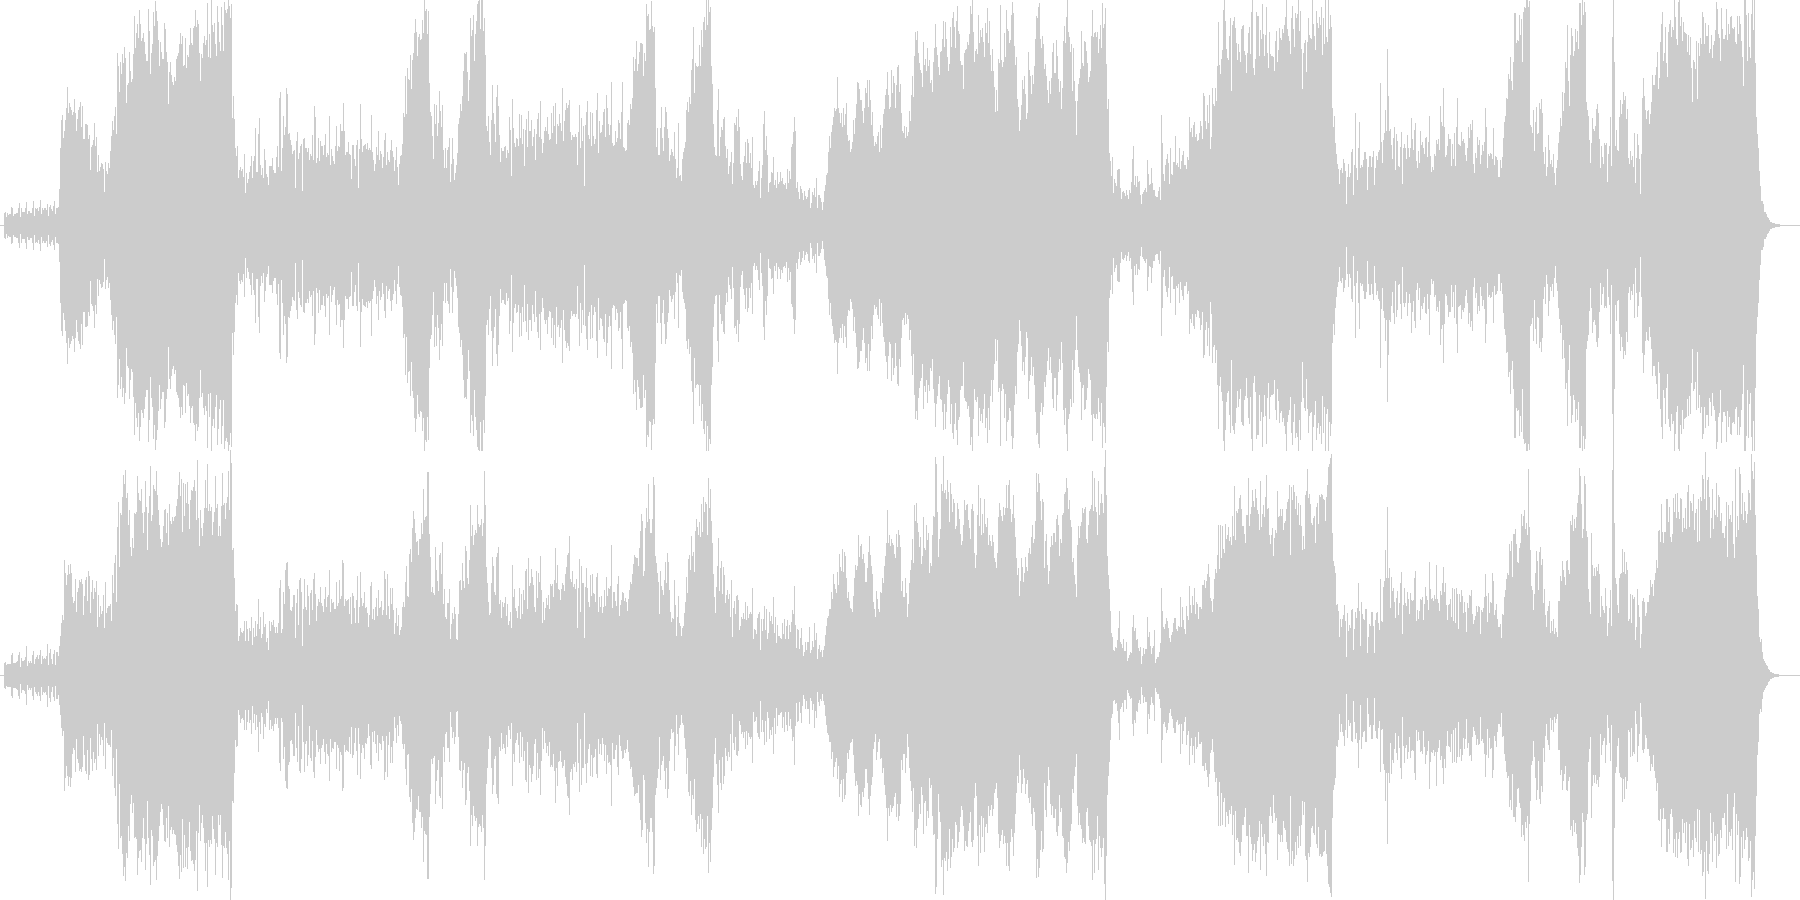 聴くだけで思わず奮い立つ躍動的なポップスの未再生の波形